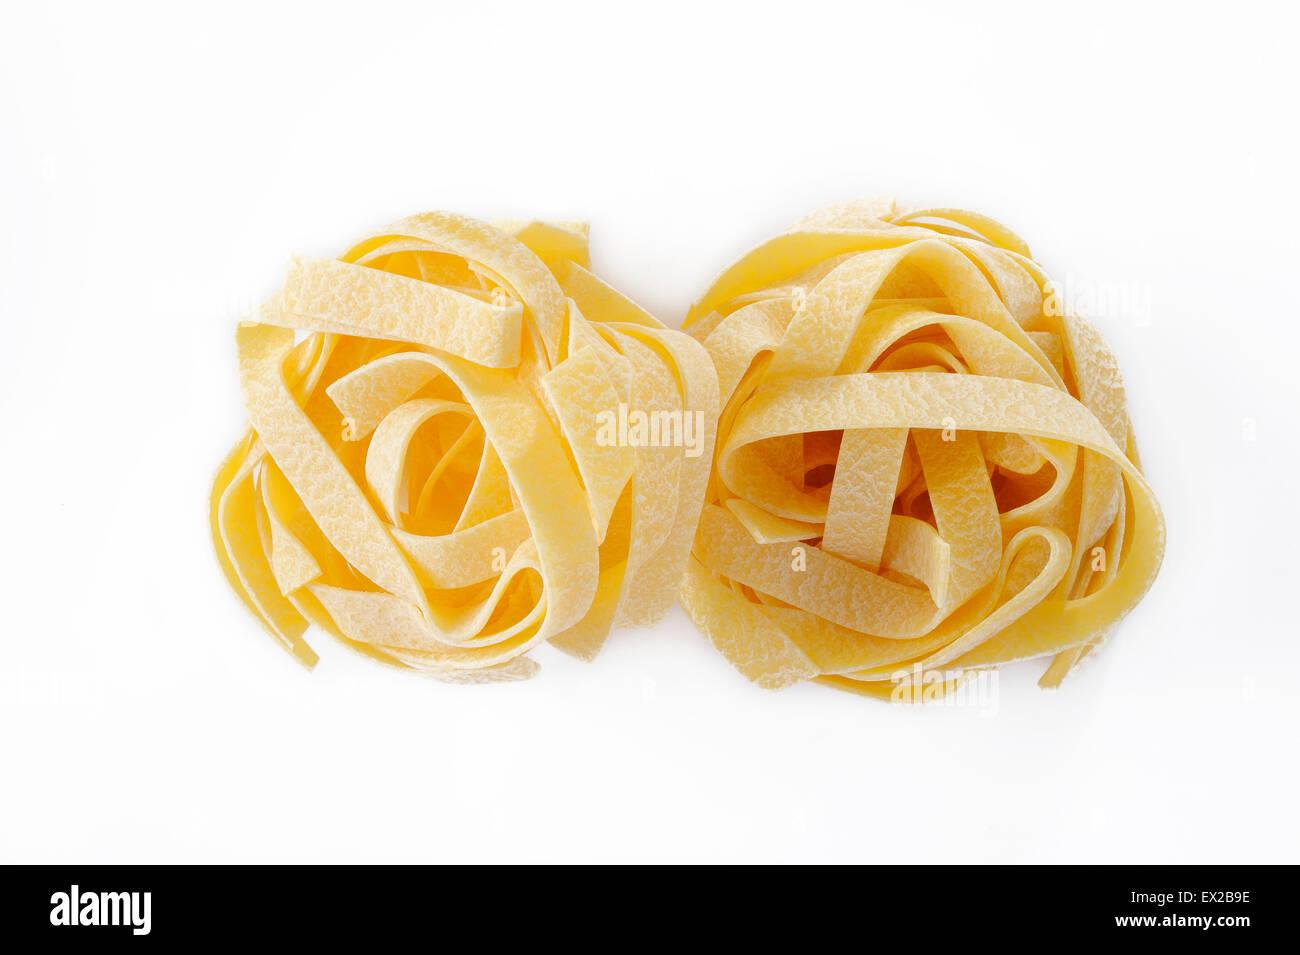 egg fettuccine pasta on white background - Stock Image